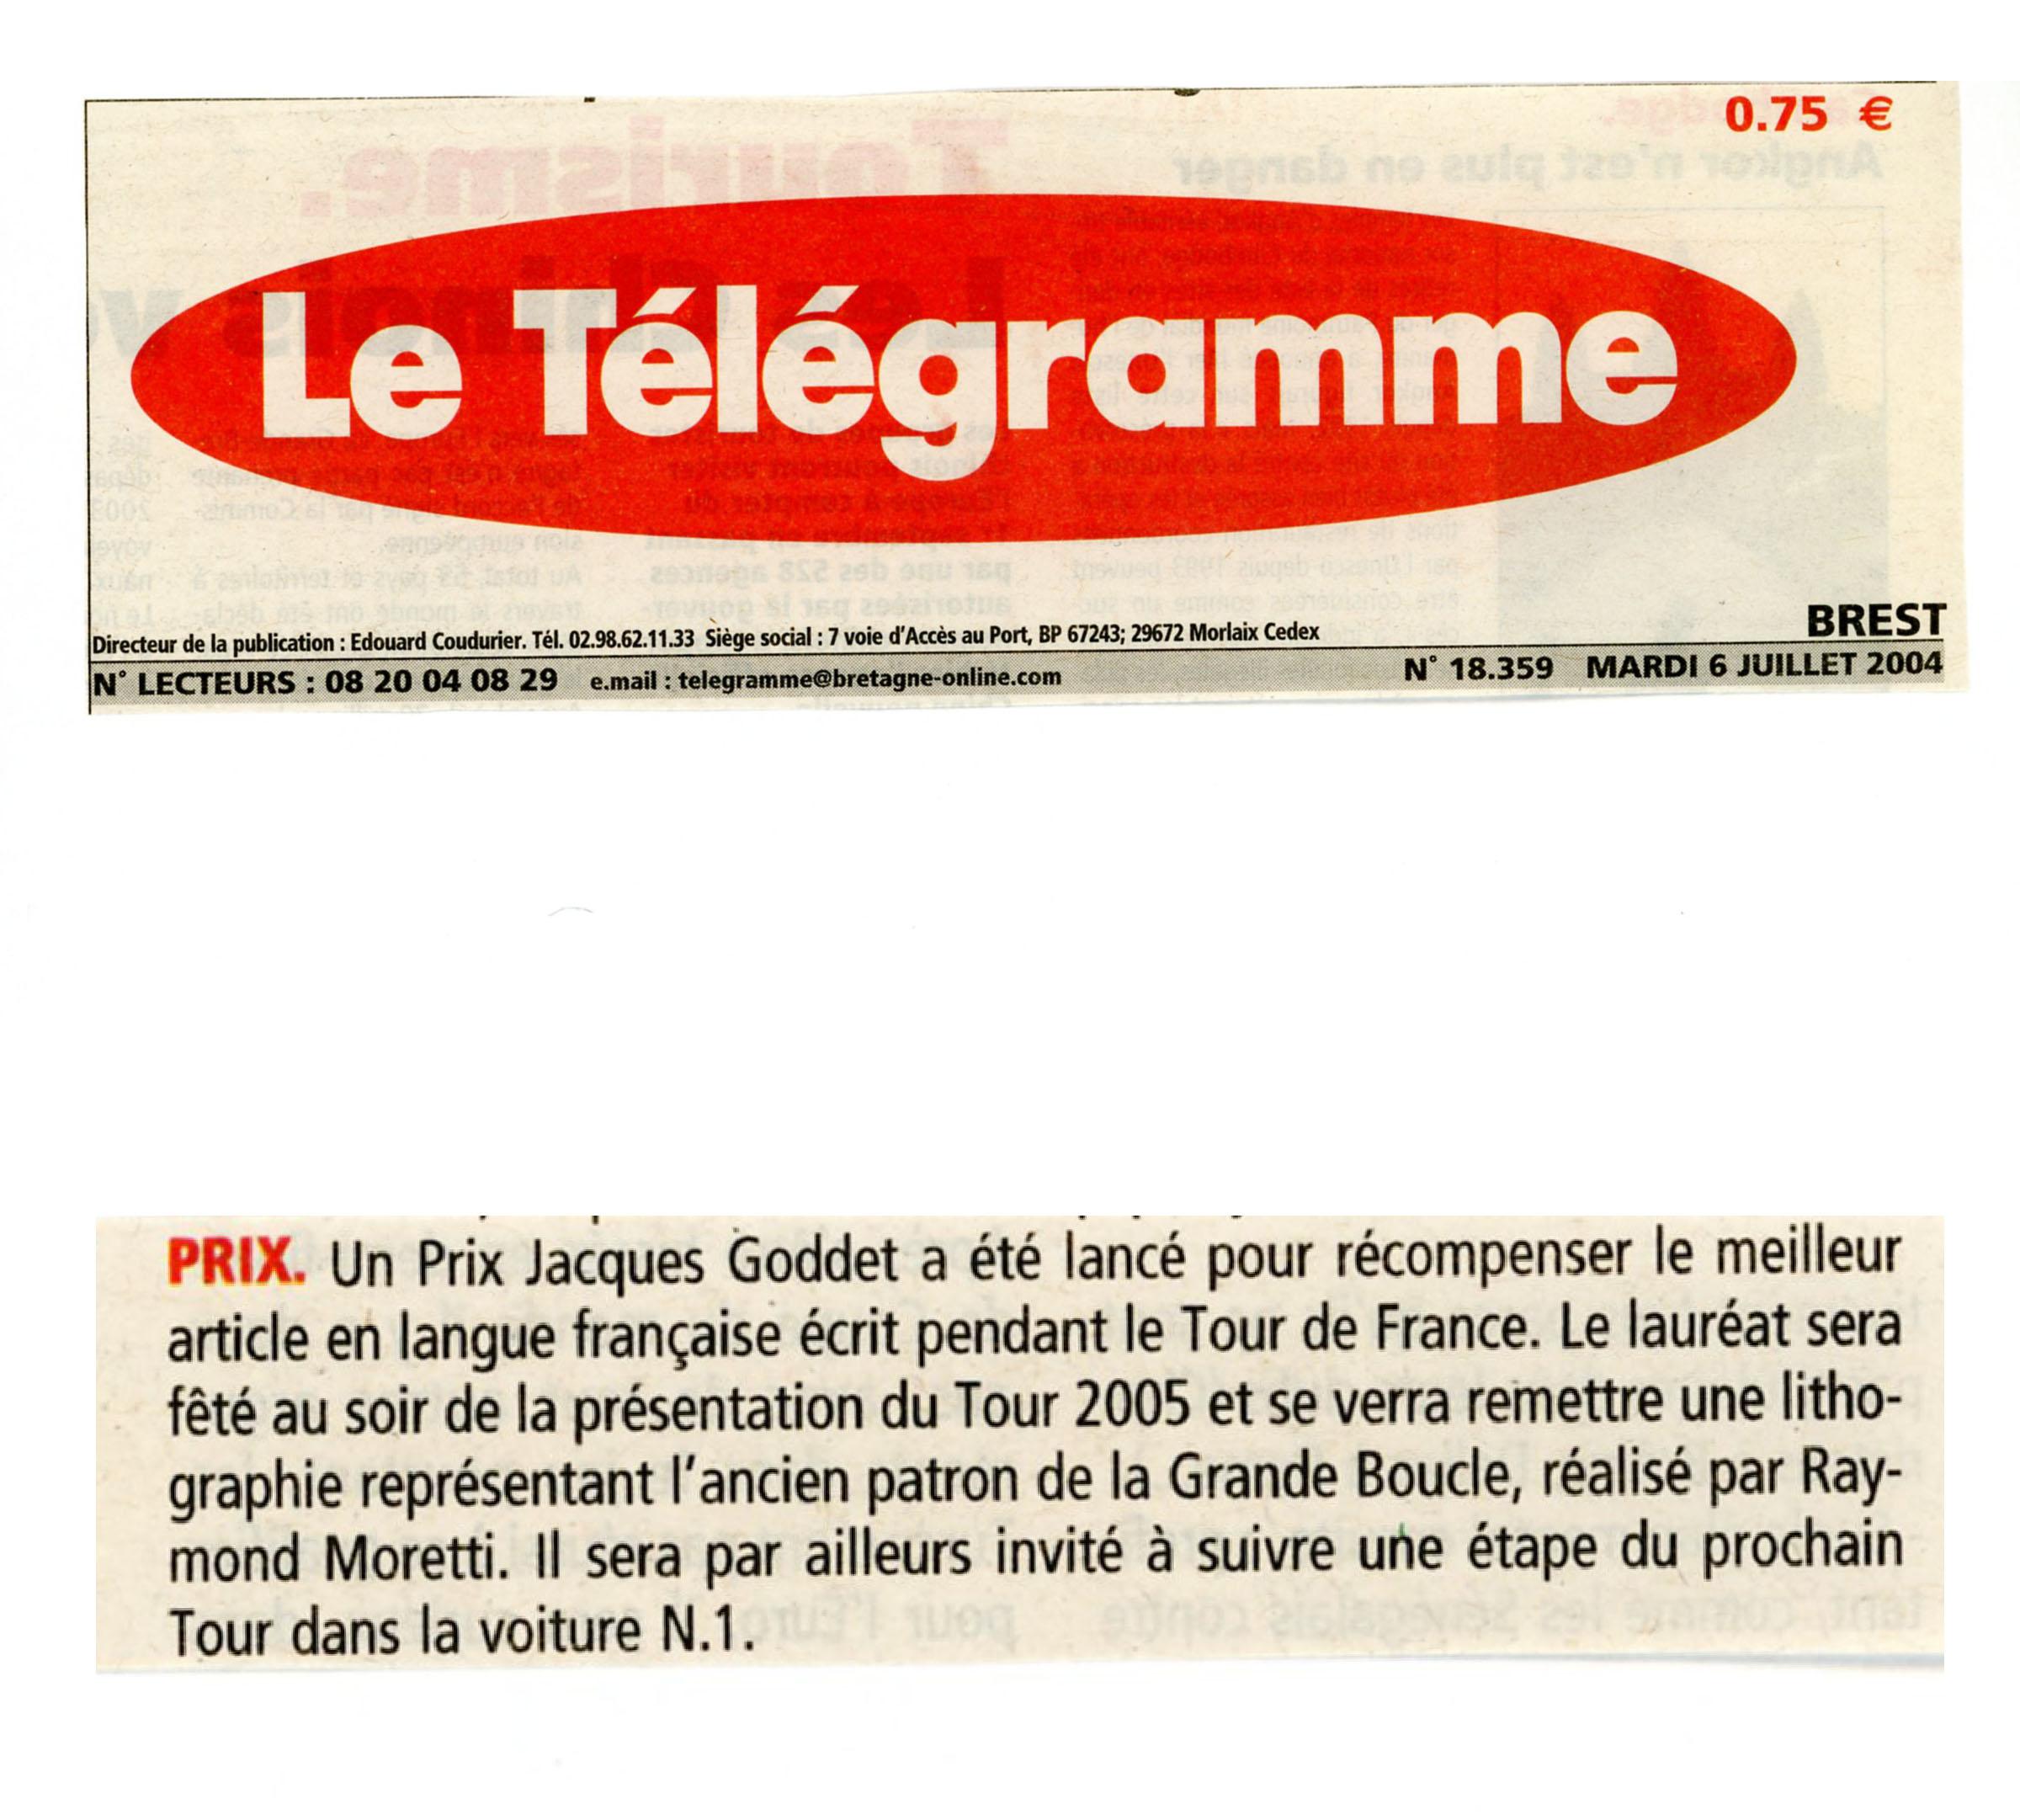 Presse - Le Télégramme - Prix Jacques-Goddet - mardi 6 juillet 2004